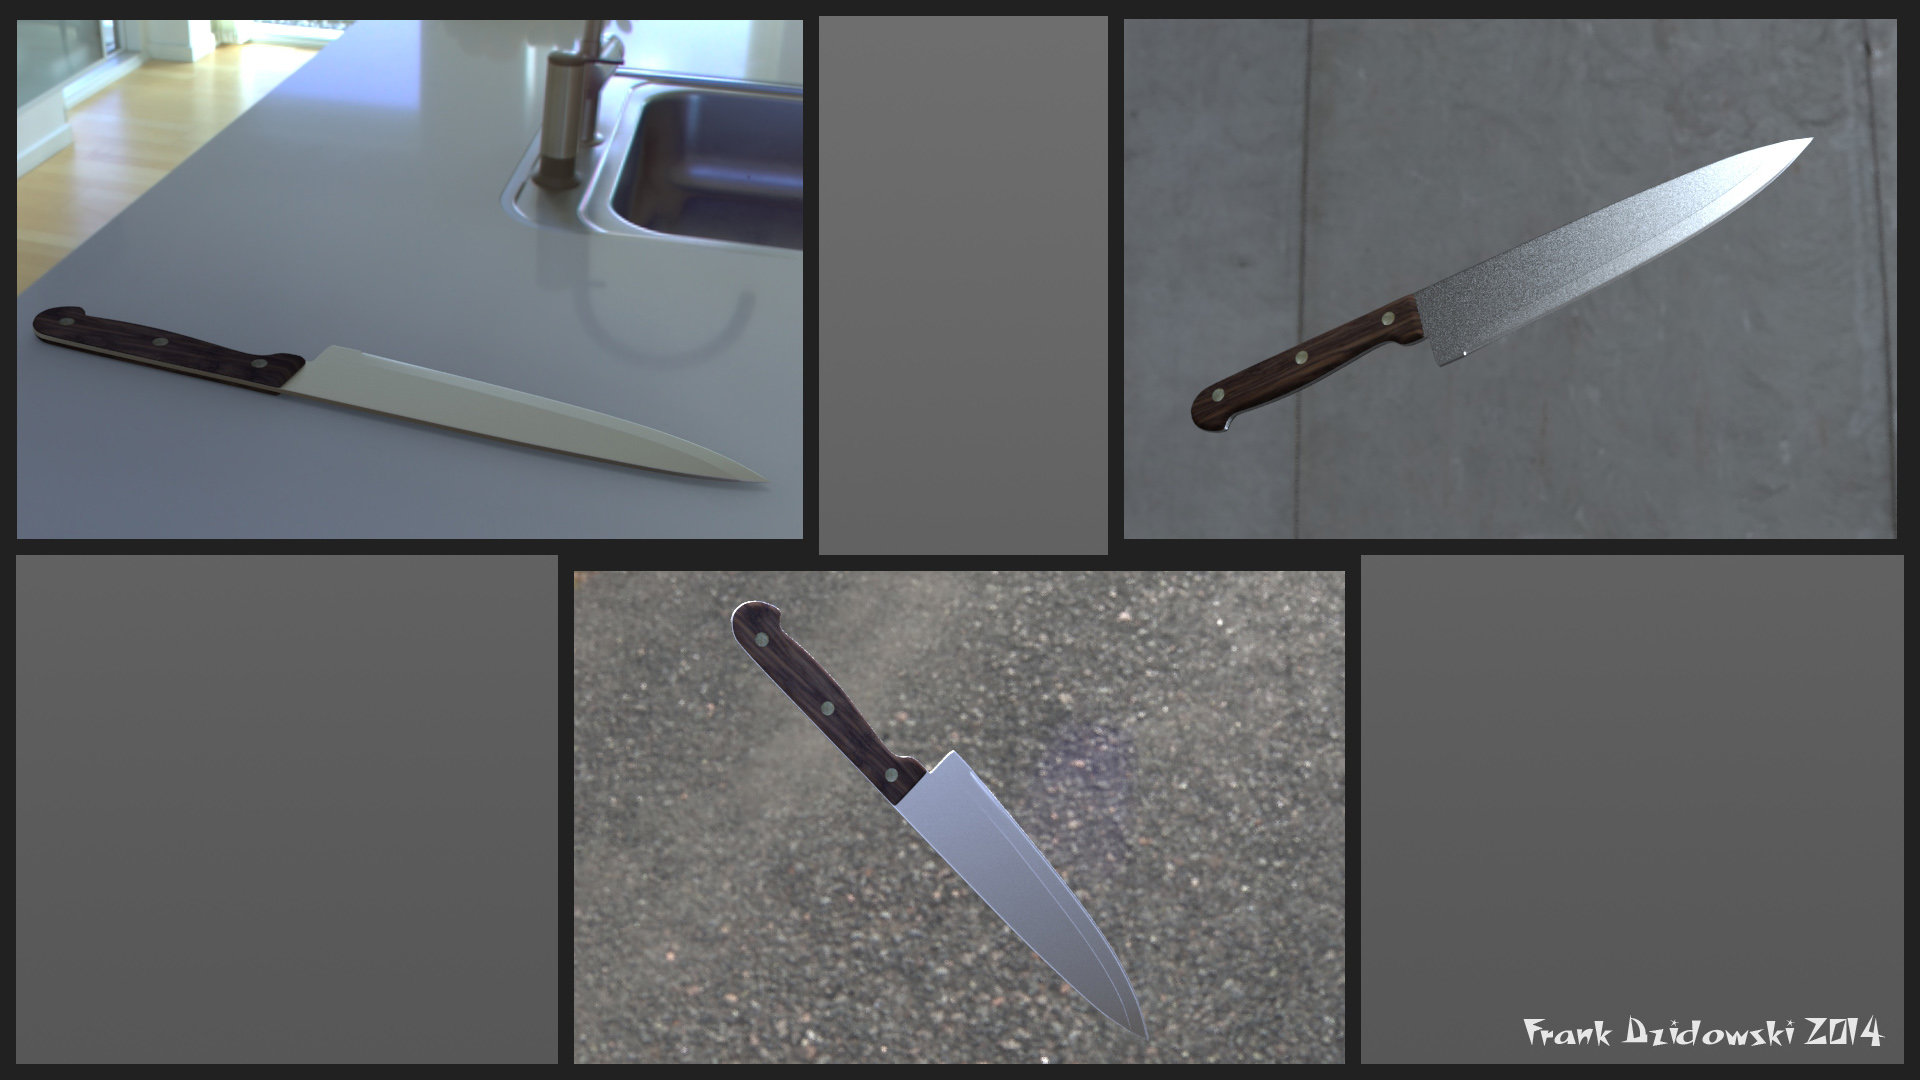 Frank dzidowski bknife cl v001